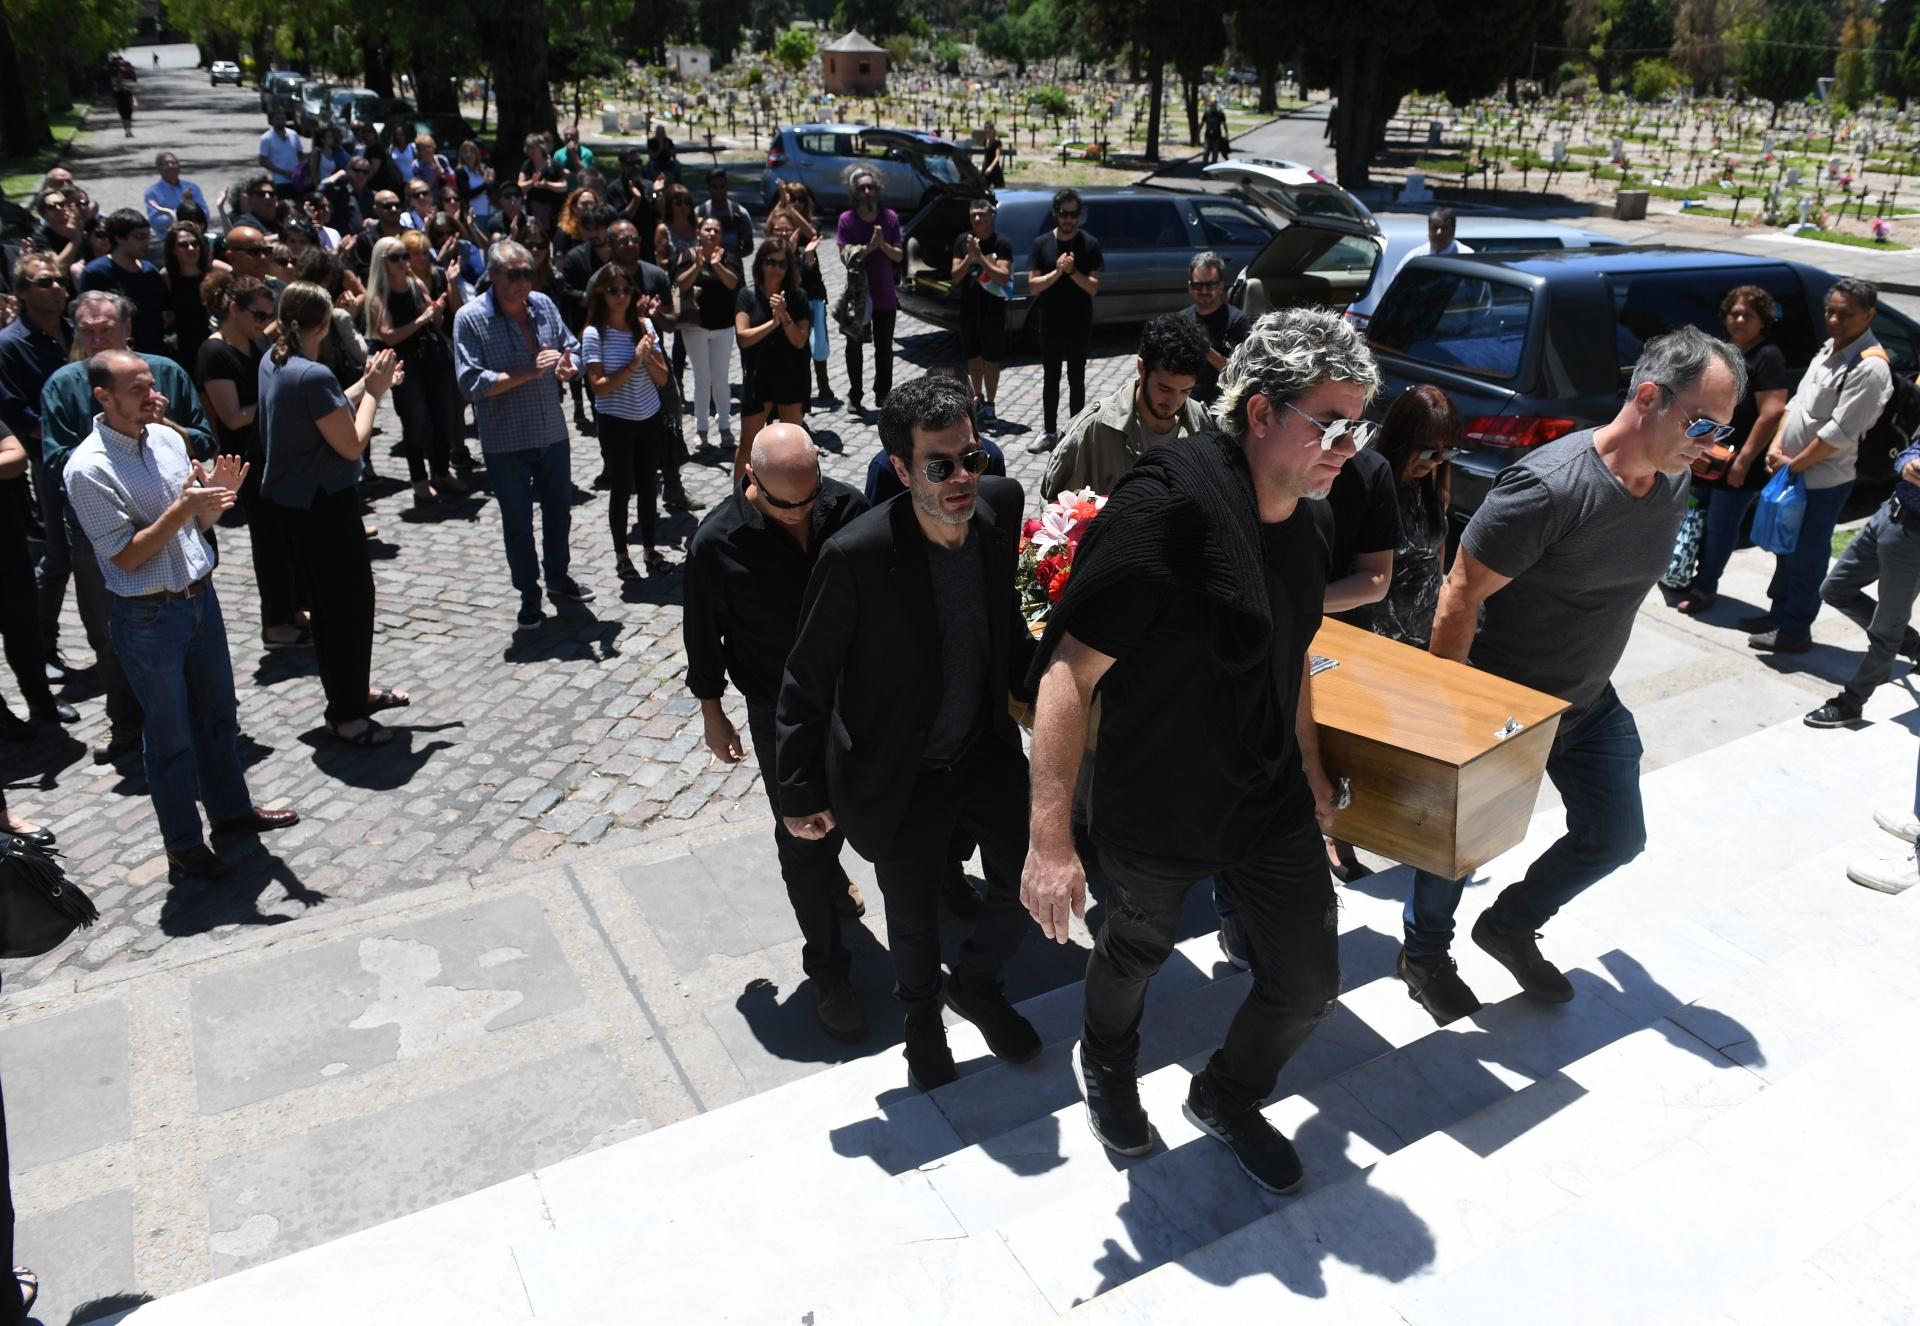 Amigos y familiares despidieron a Leonardo Satragno, el hijo de Pinky y Raúl Lavié